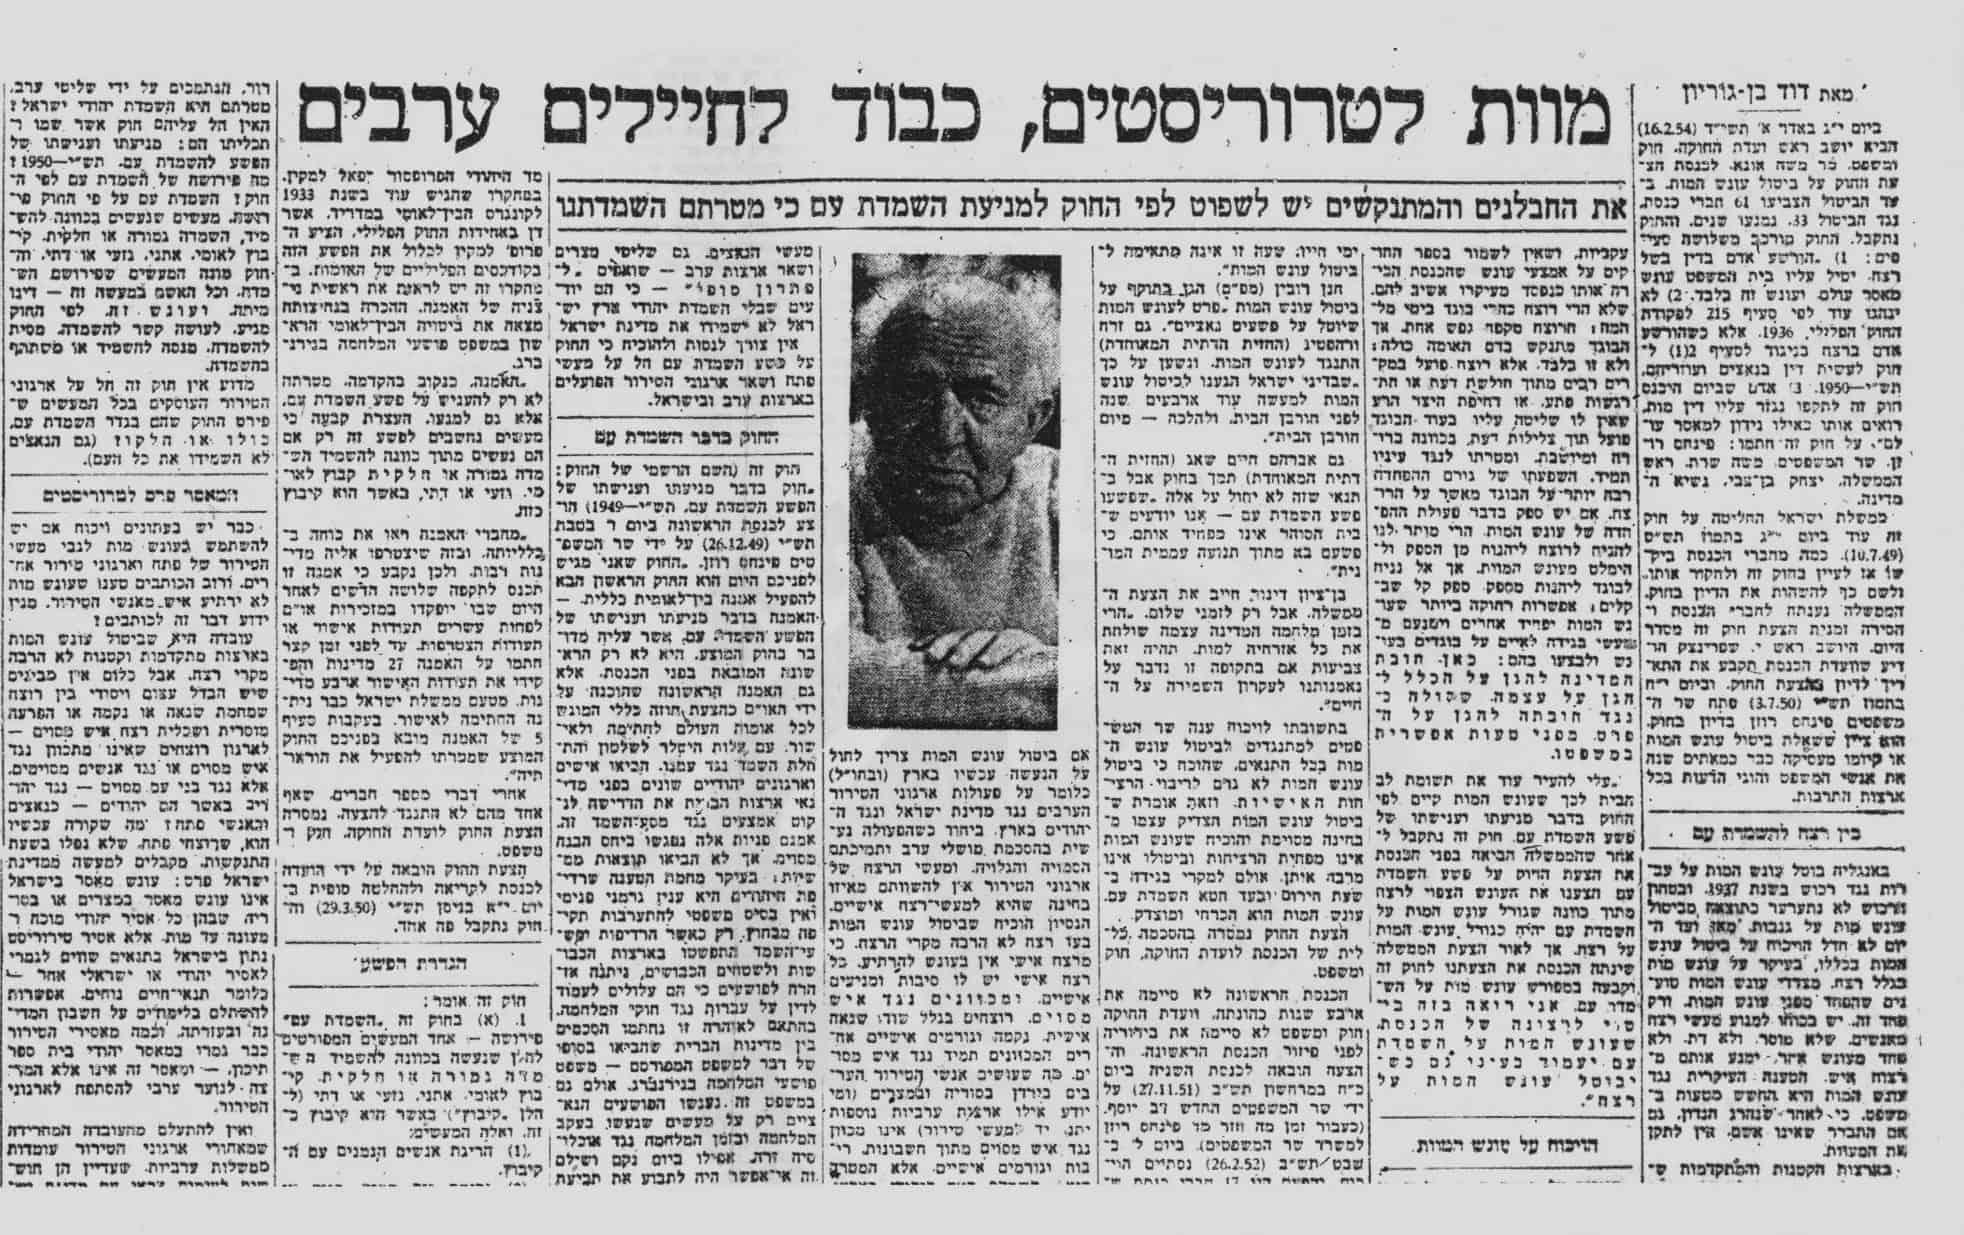 מאמרו של בן גוריון בעד עונש המוות, 1968